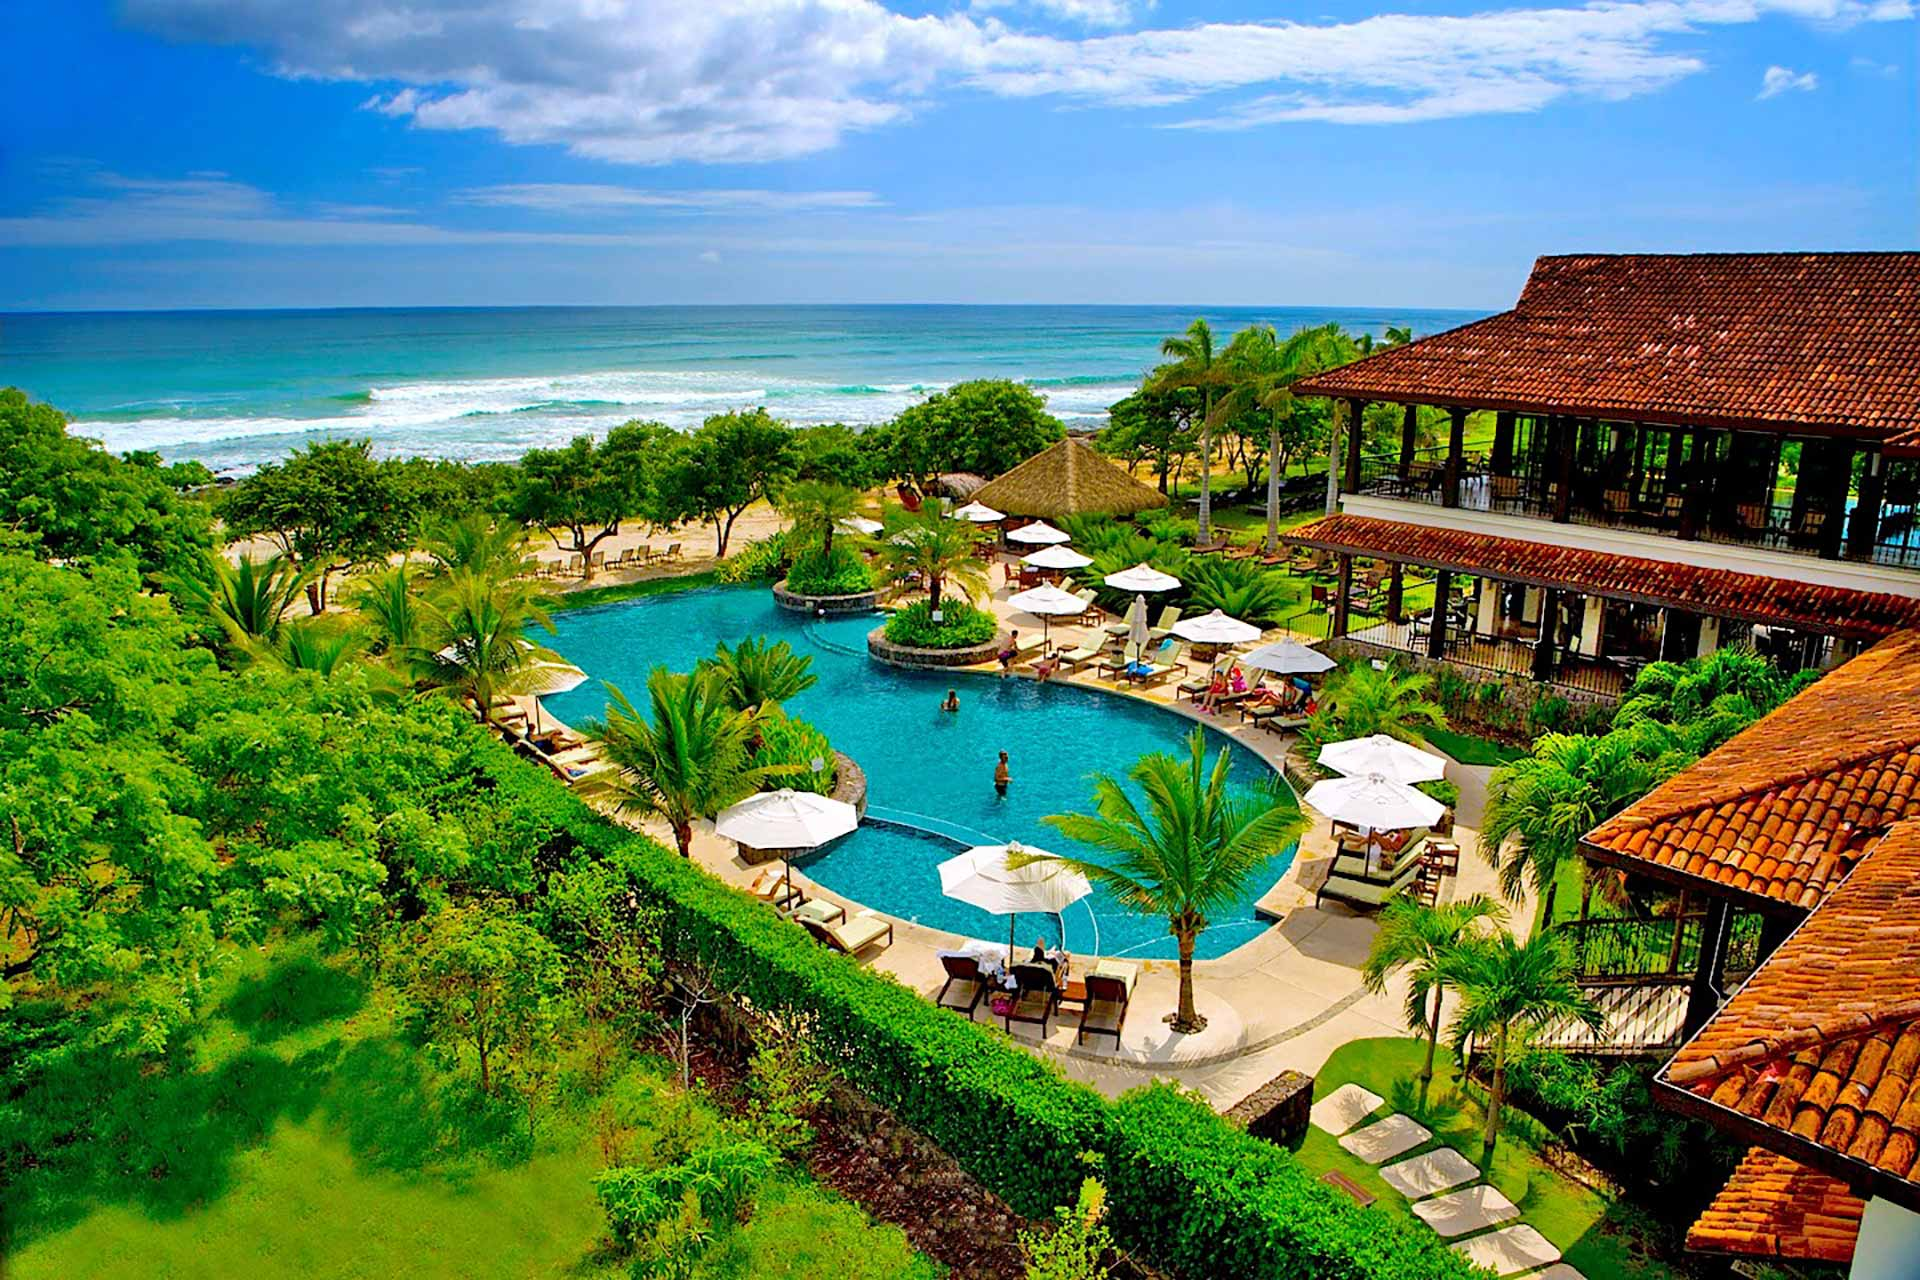 Hacienda Pinilla Beach Club